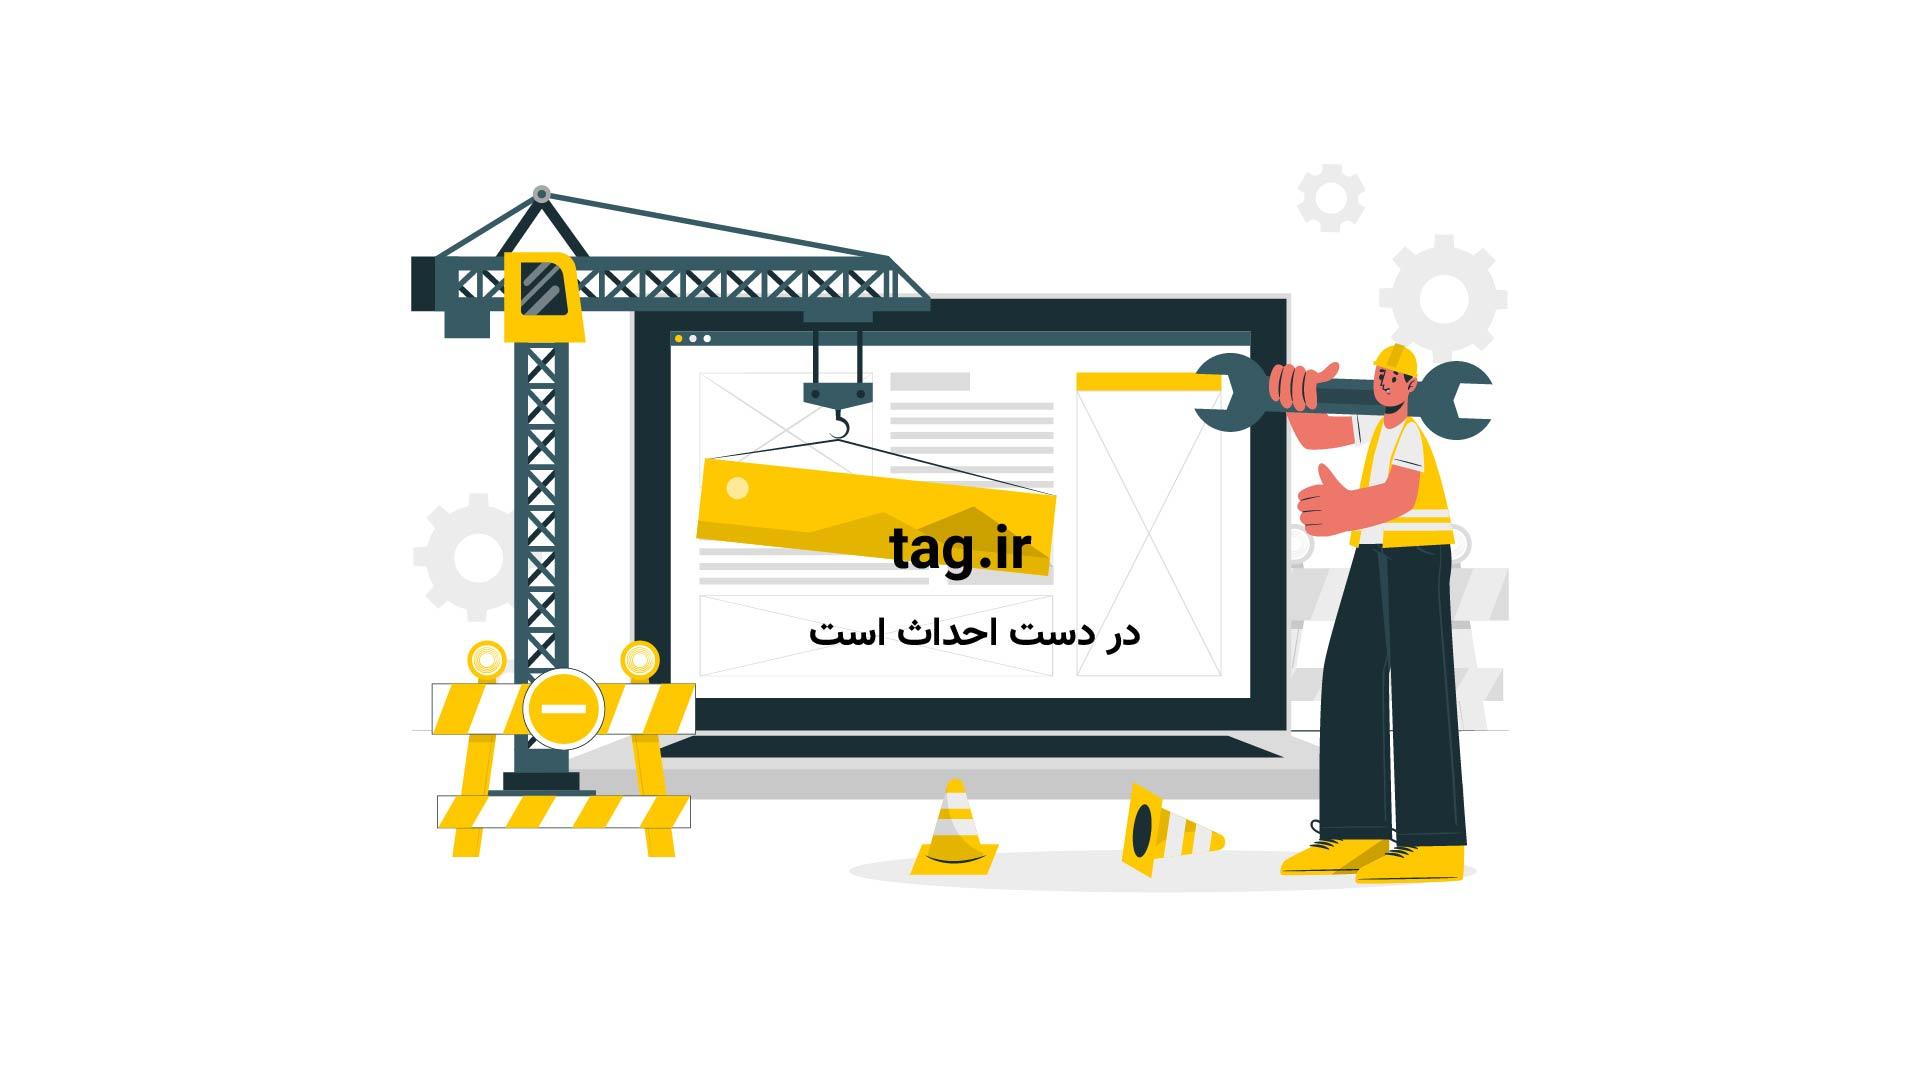 تظاهرات ضد صهیونیستی | تگ